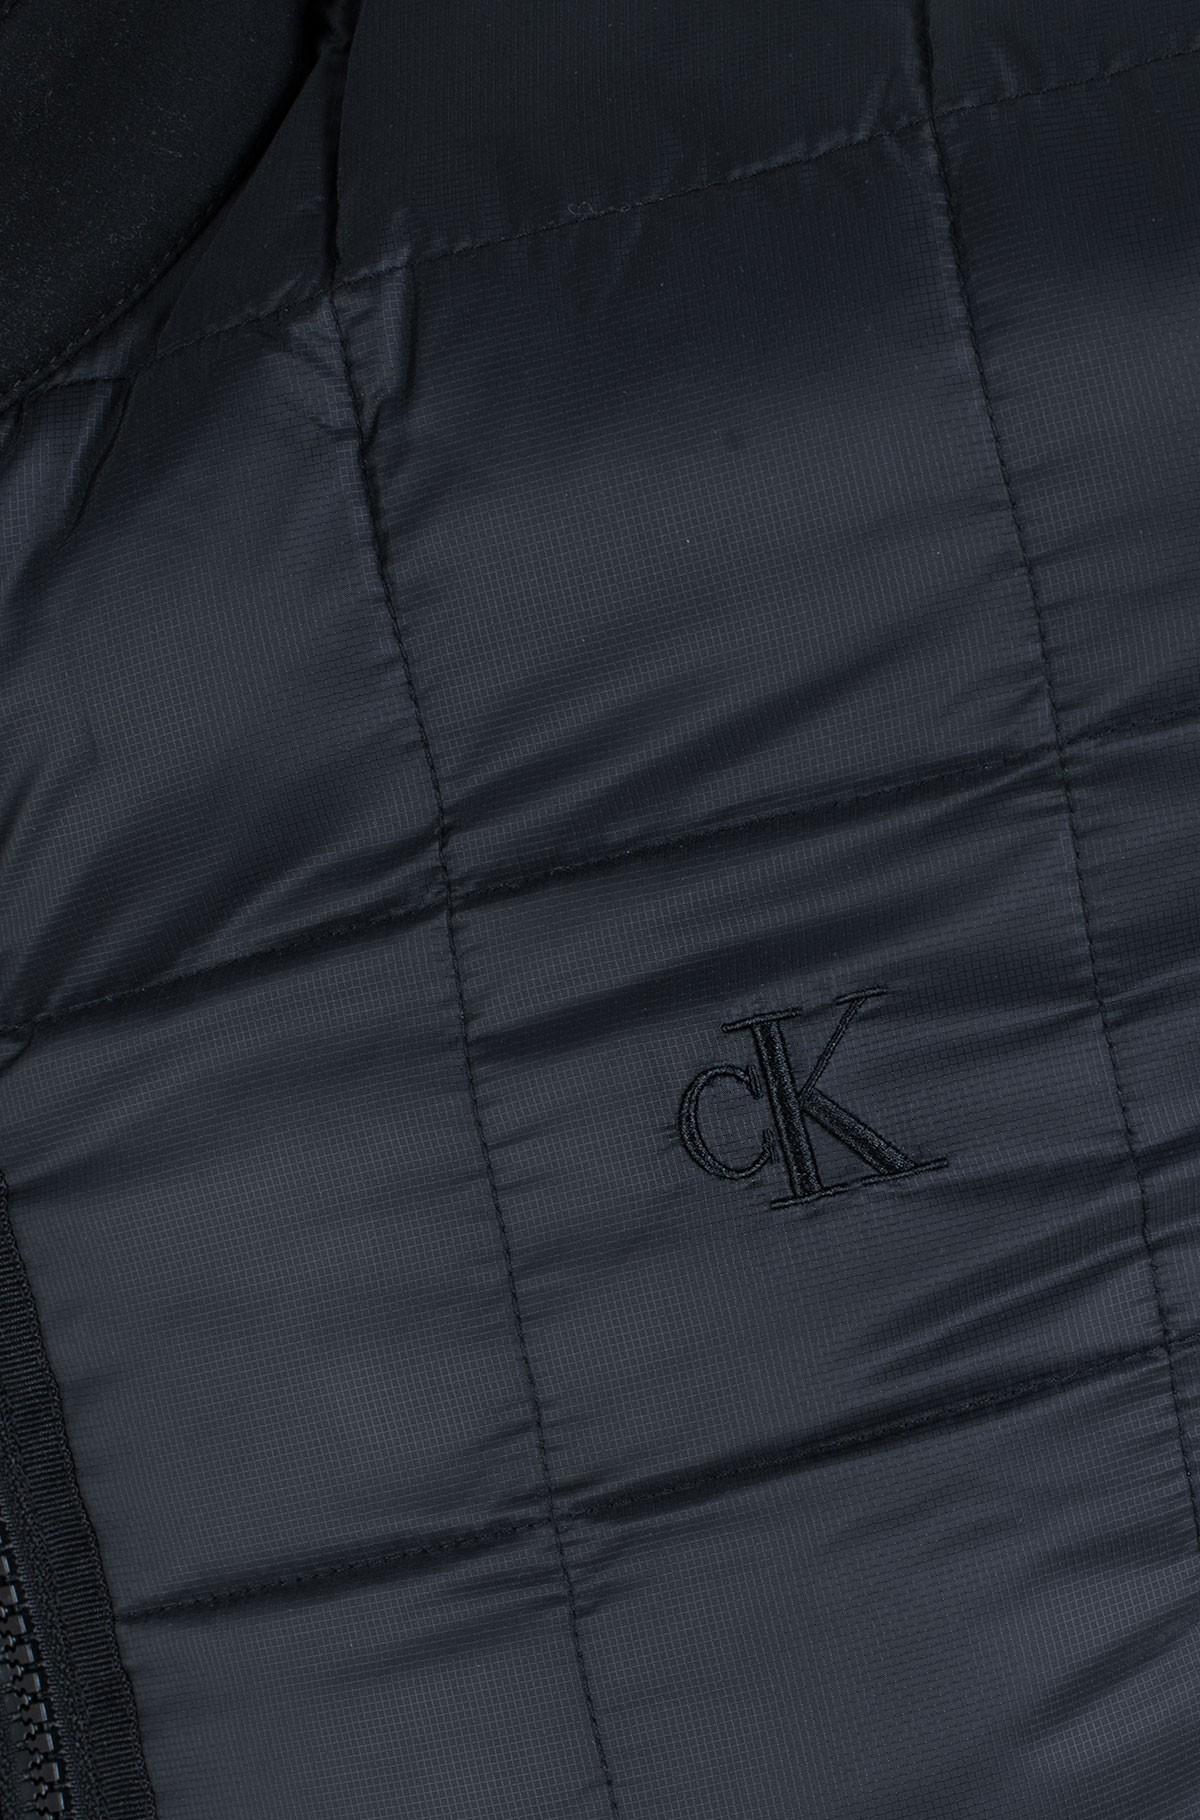 Jacket MOTO JACKET-full-3